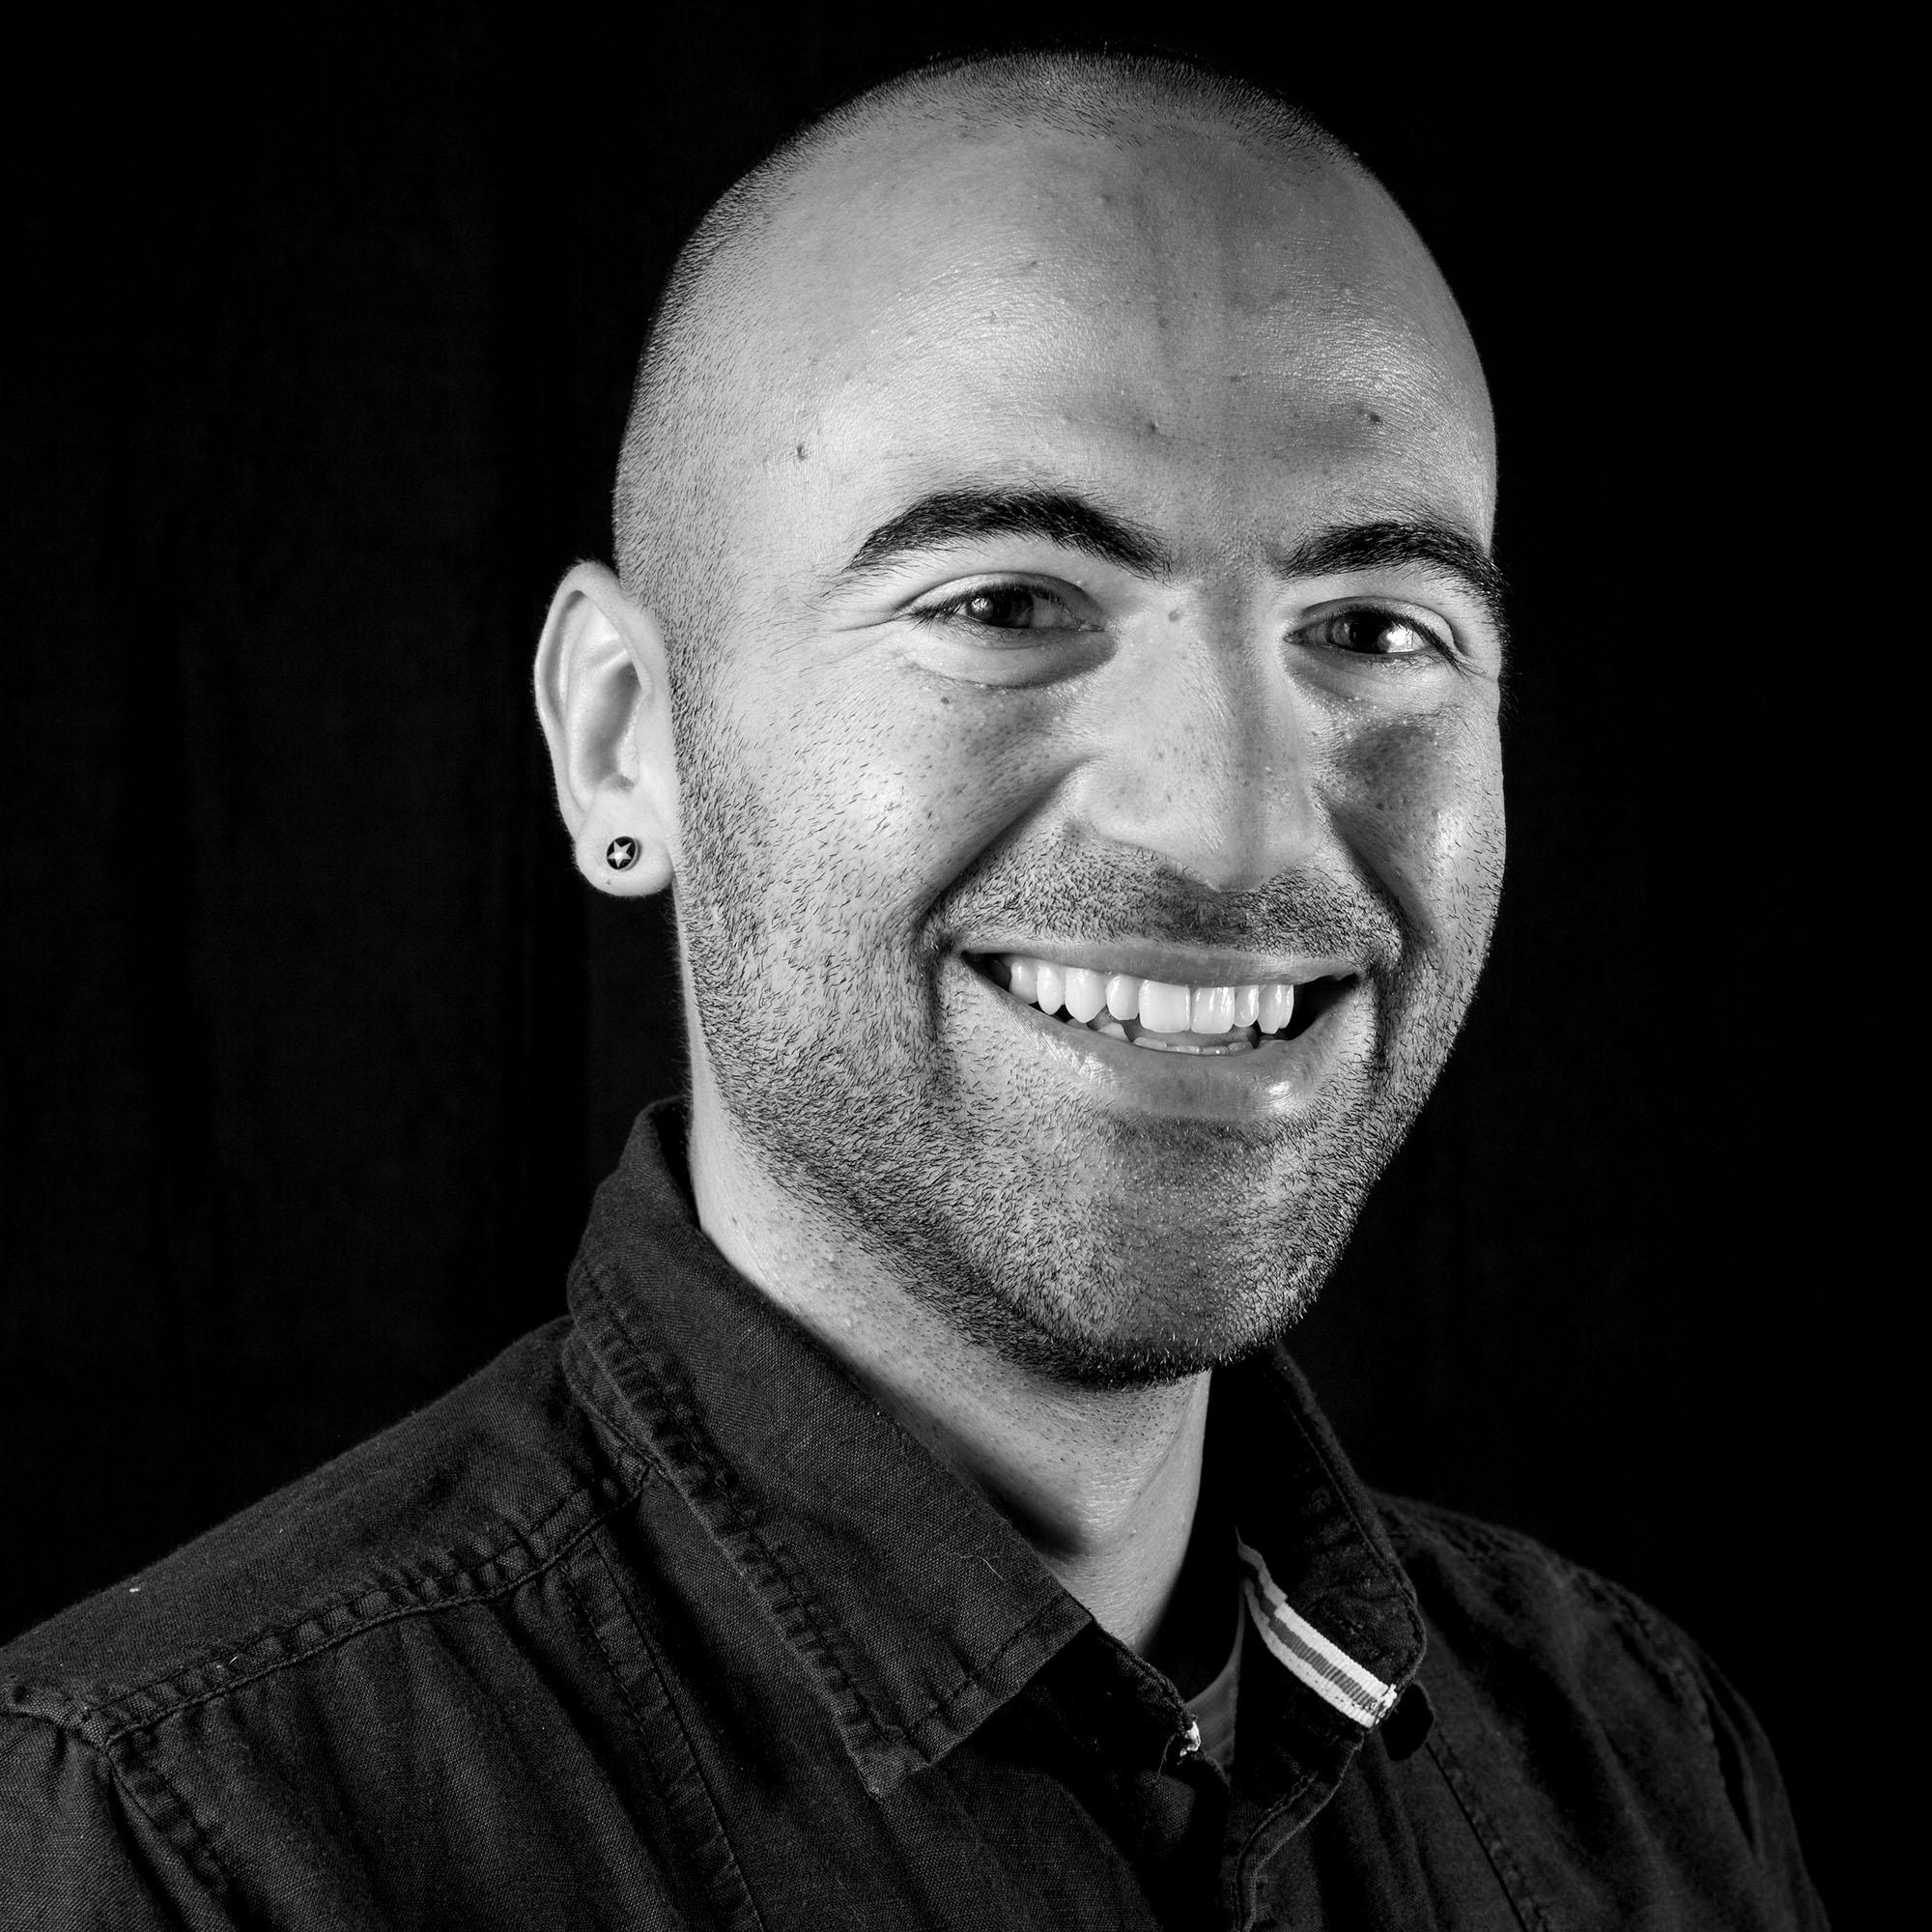 BFoto Portretfotograaf studio zwarte achtergrond zw